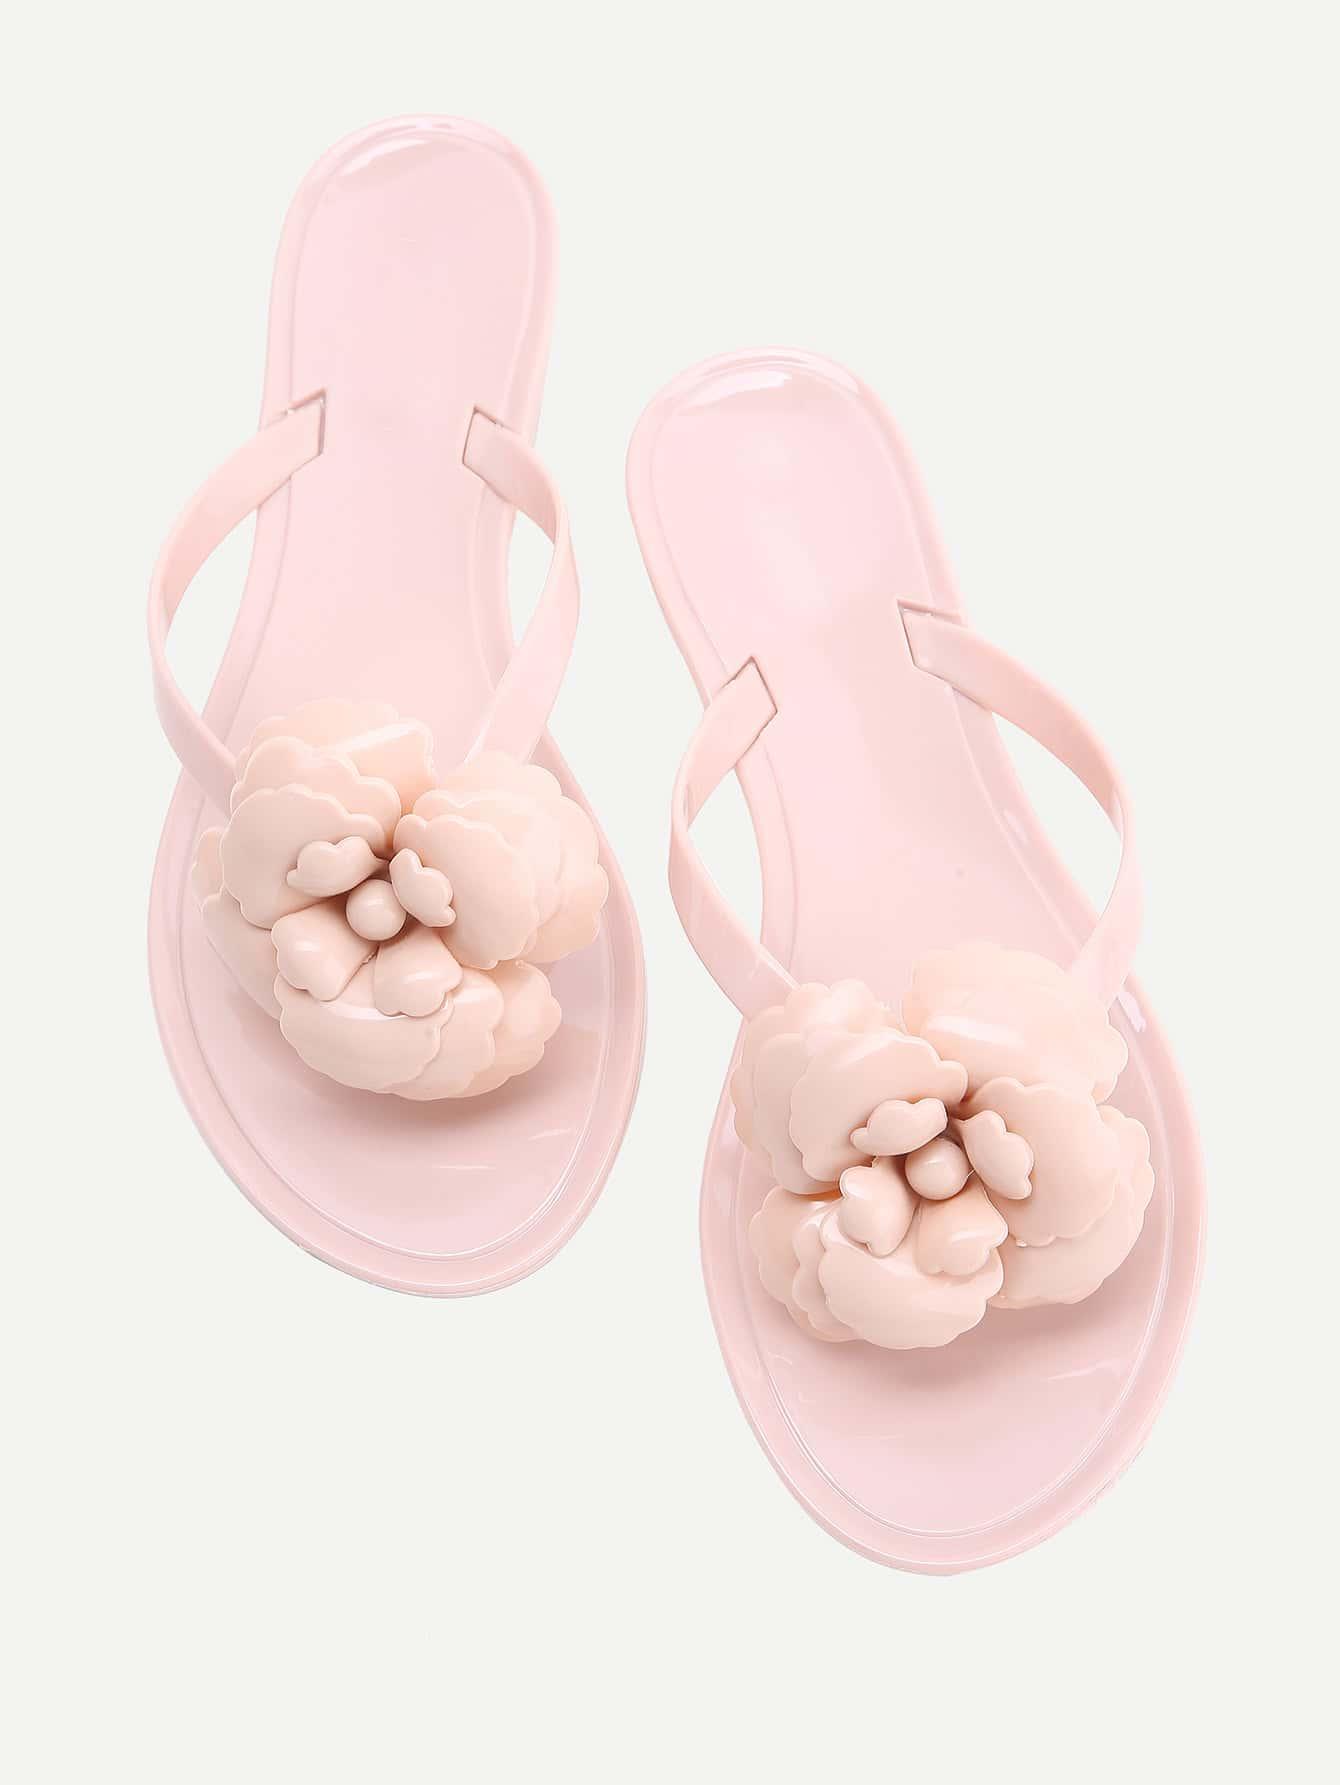 shoes170322803_2